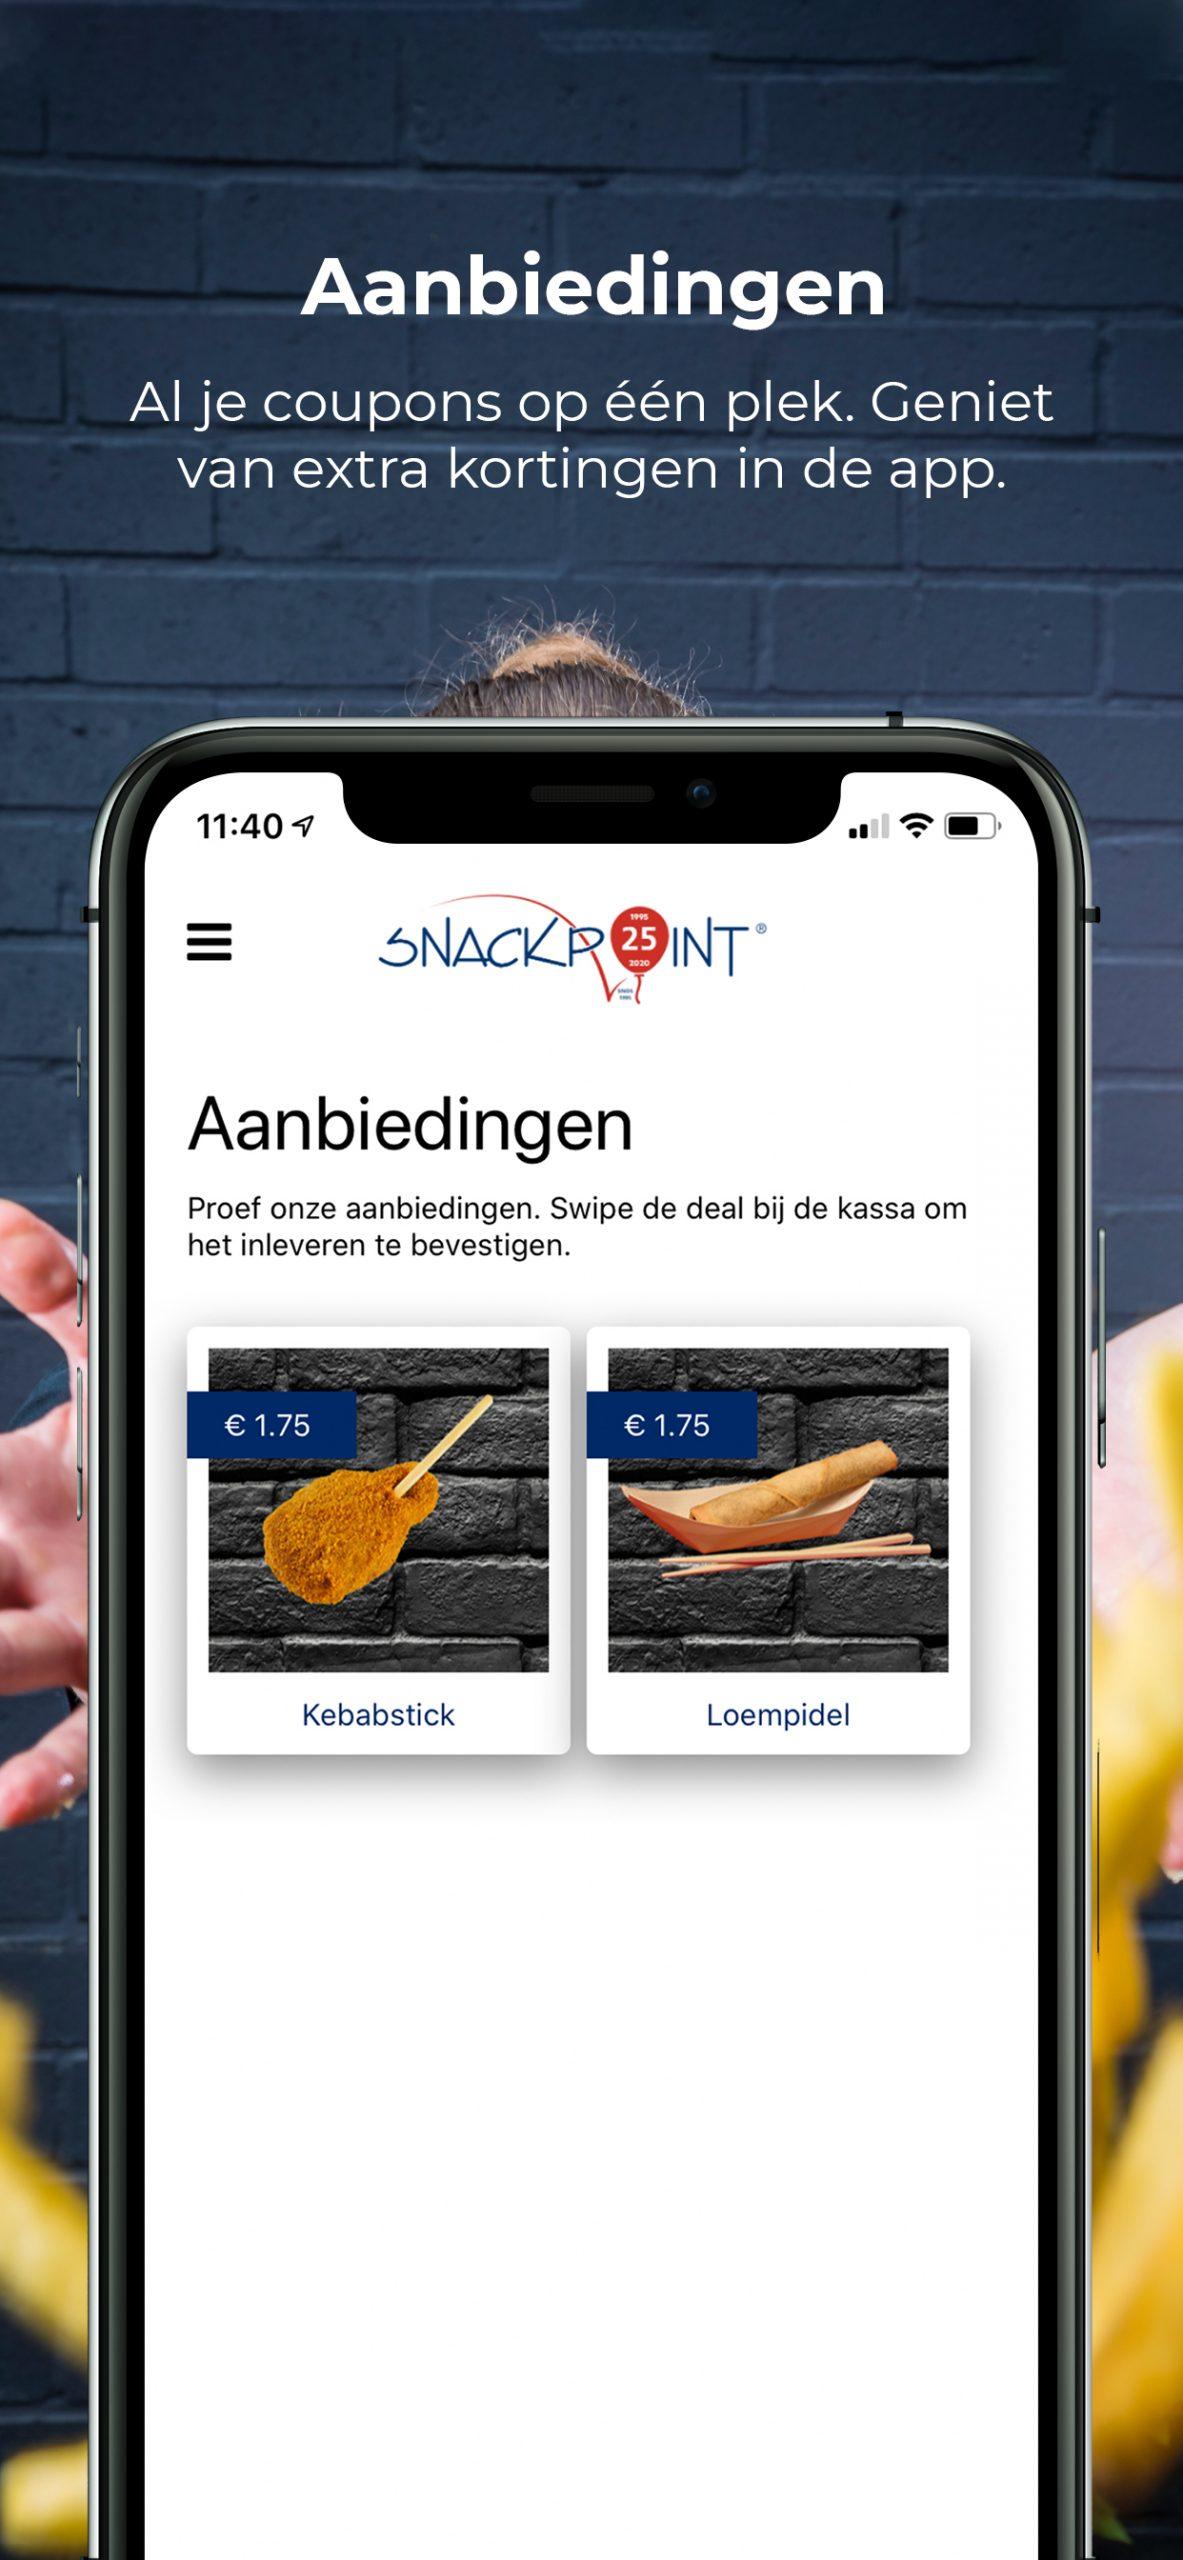 https://mdesignstudio.nl/project/app/